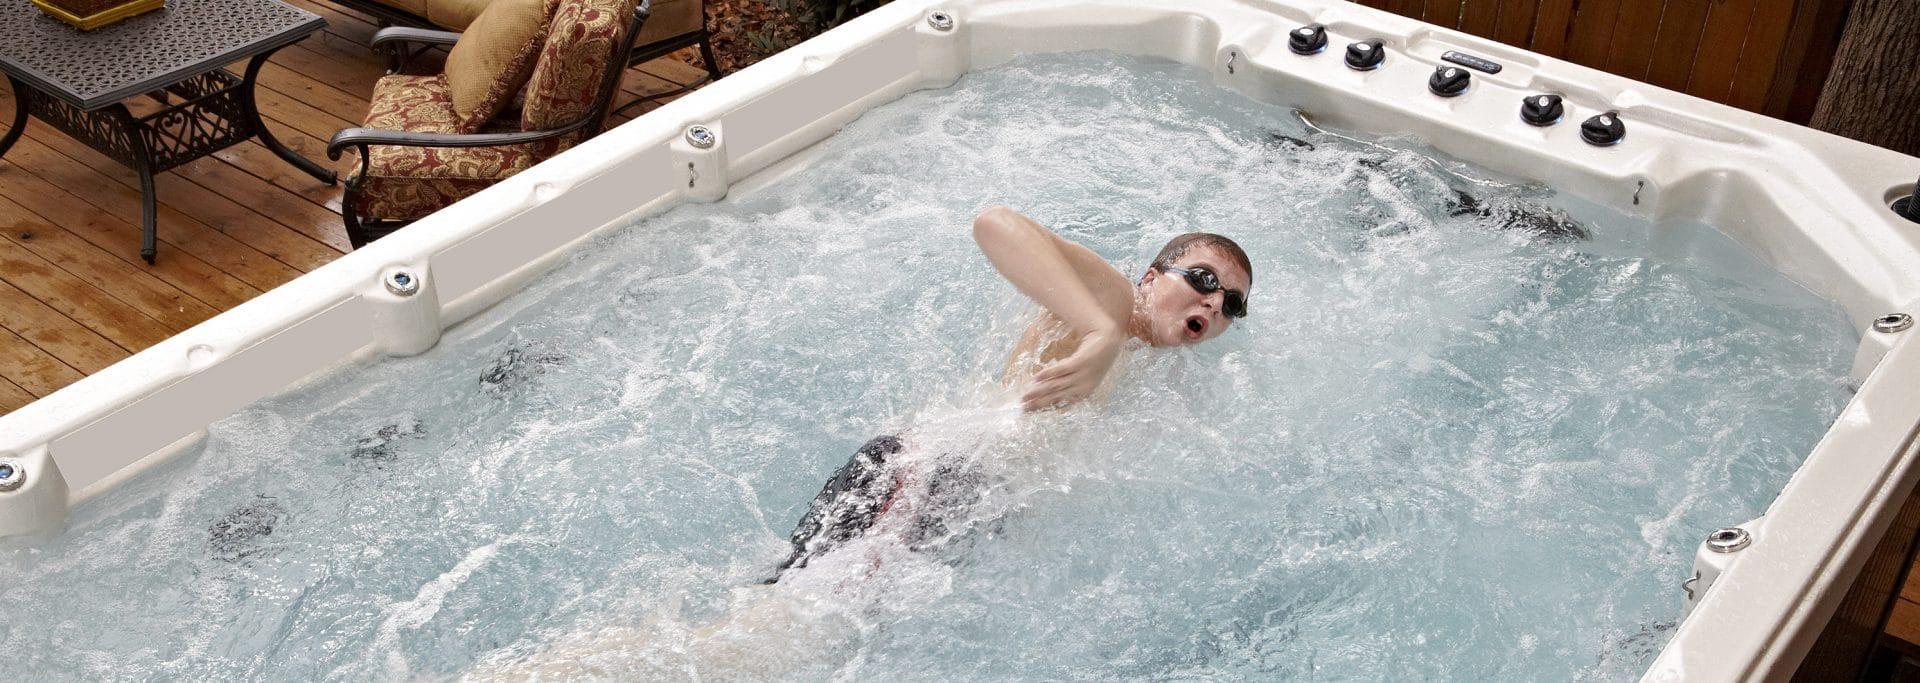 Homme pratiquant le crawl dans un spa de nage.